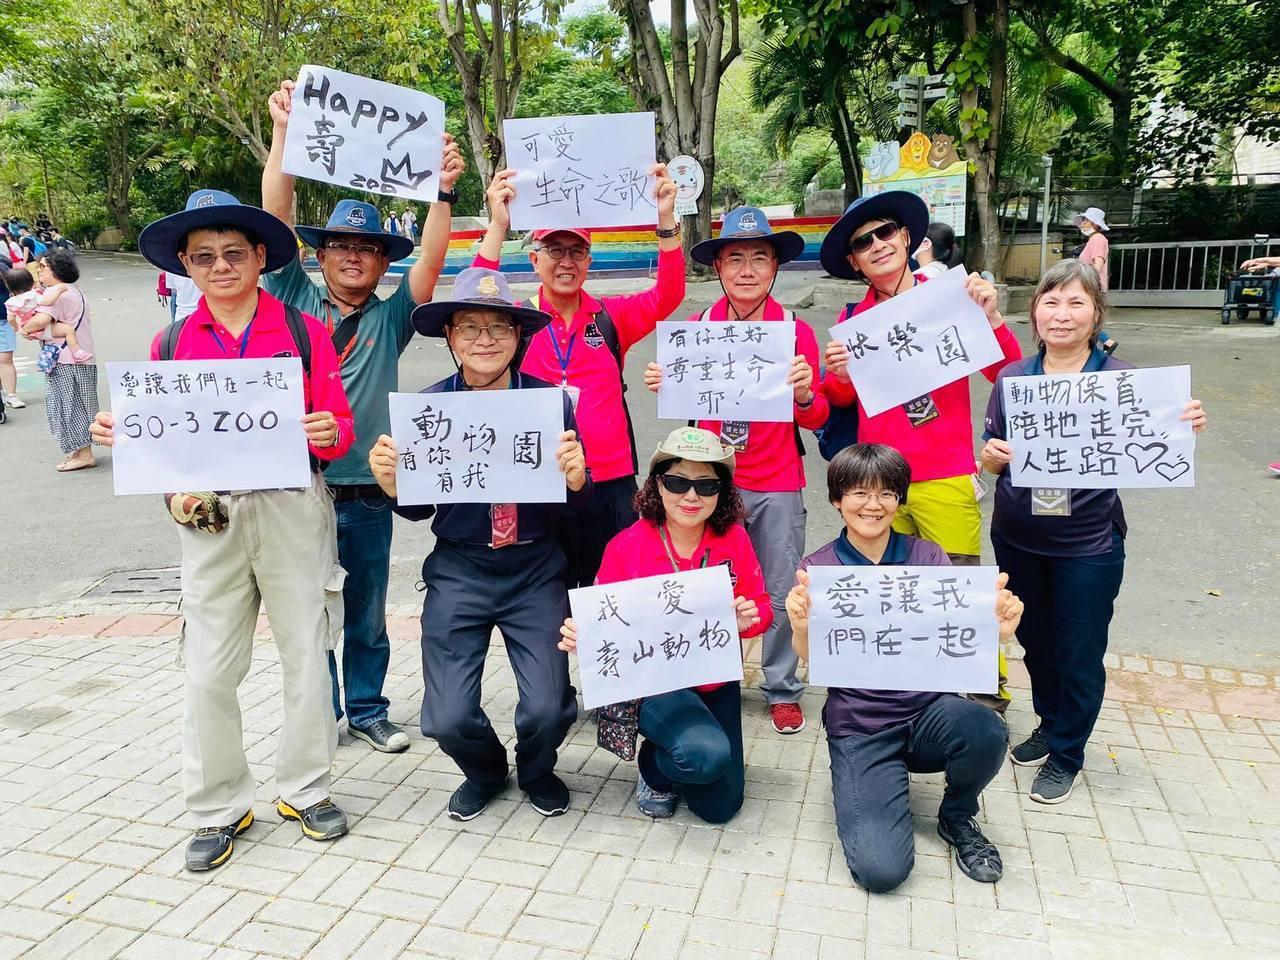 高雄壽山動物園即將動工改造,志工群獻上祝福與期待。 圖/取自壽山動物園 臉書